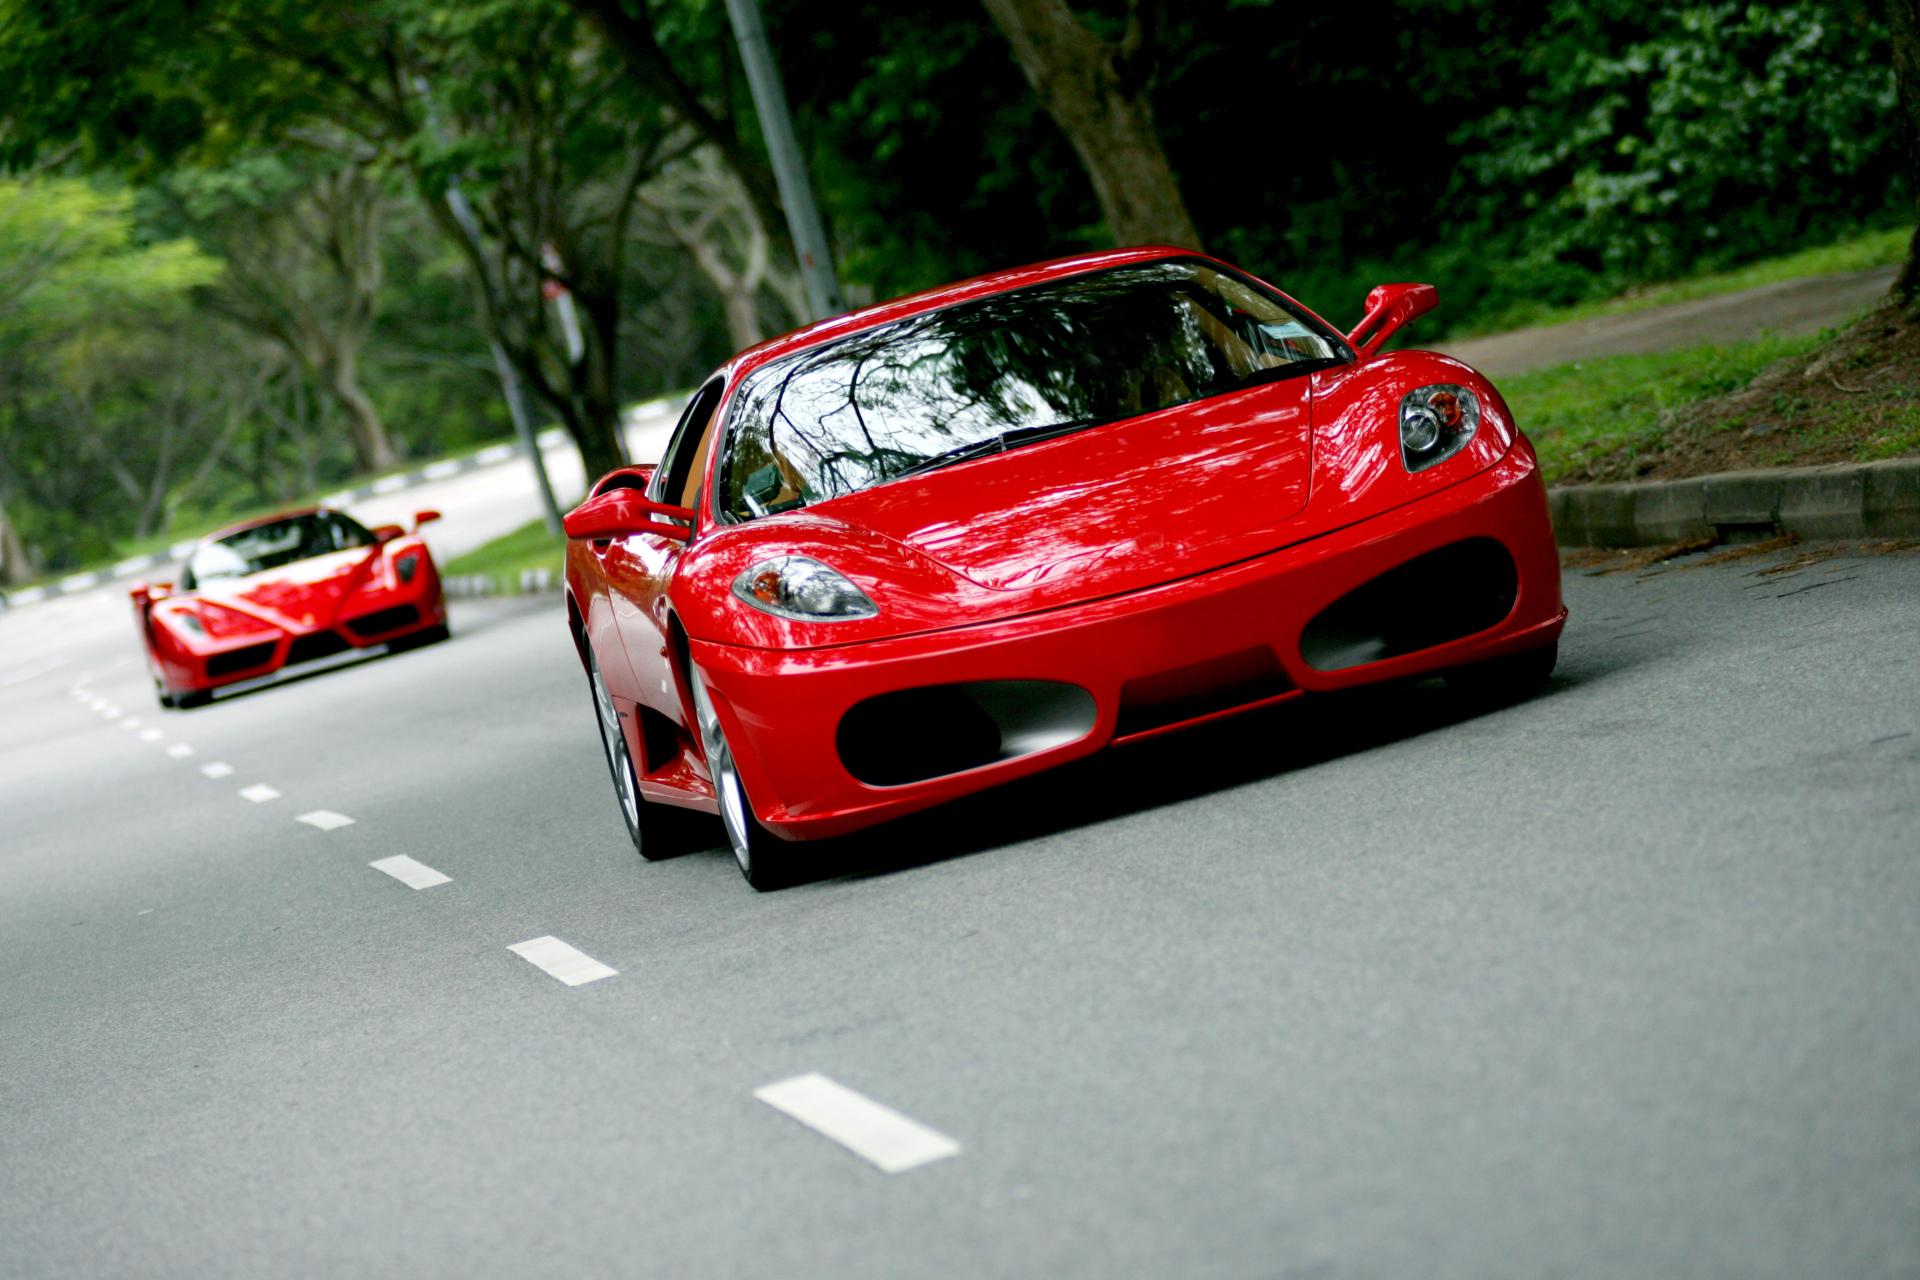 Imagenes De Coches Hd: 56 Fondos De Pantalla De Ferrari, Wallpaperrs HD De Coches